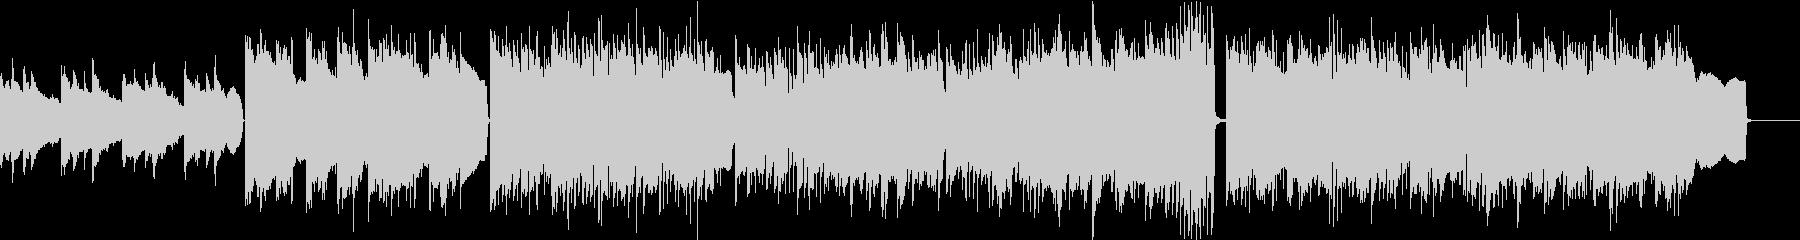 インディーズ/アメリカーナのアコー...の未再生の波形